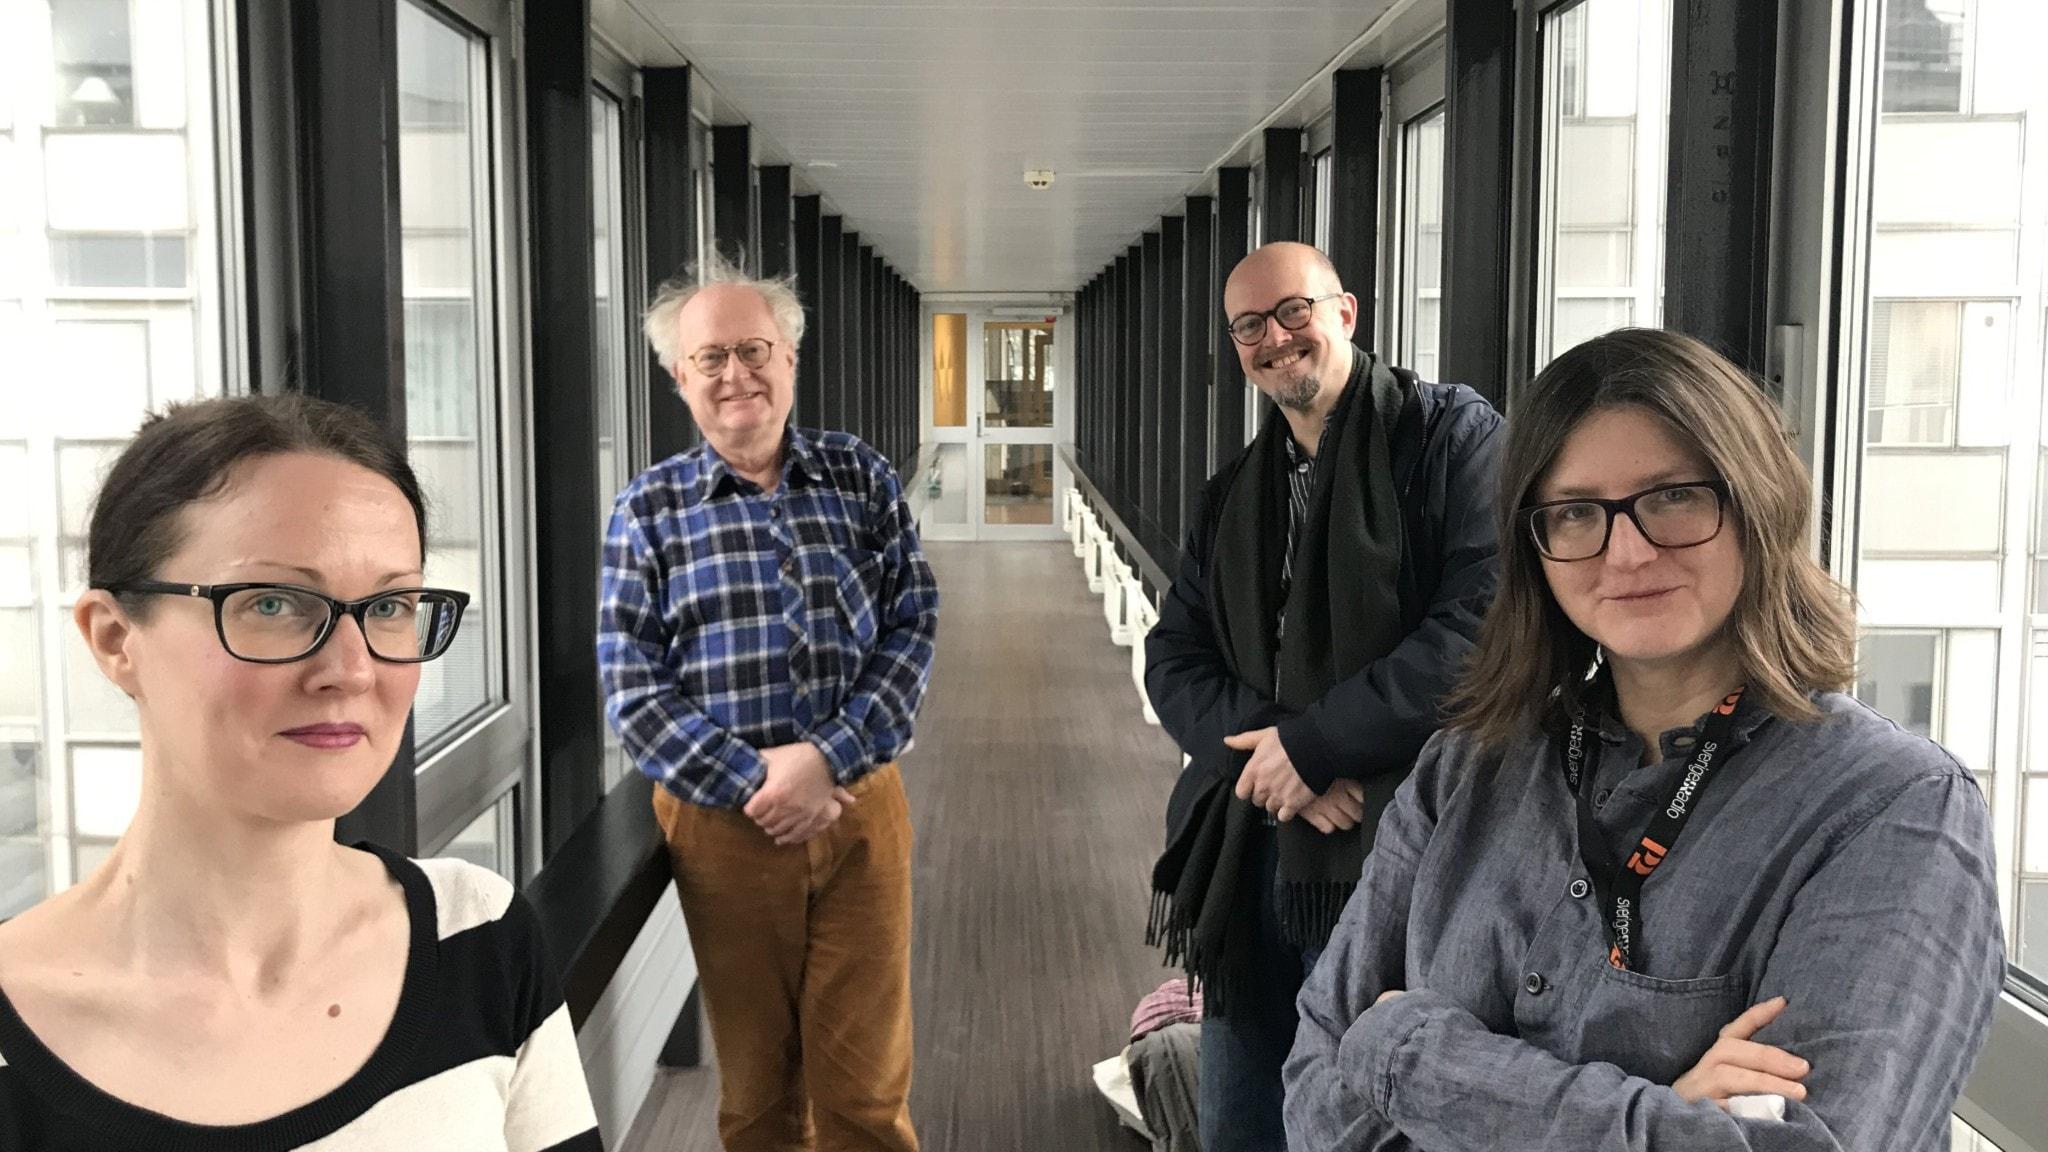 Musikjournalisten Johanna Paulsson, pianisten Bengt Forsberg och dirigenten David Björkman är veckans panel i Musikrevyn, här tillsammans med programledare Sara Norling.